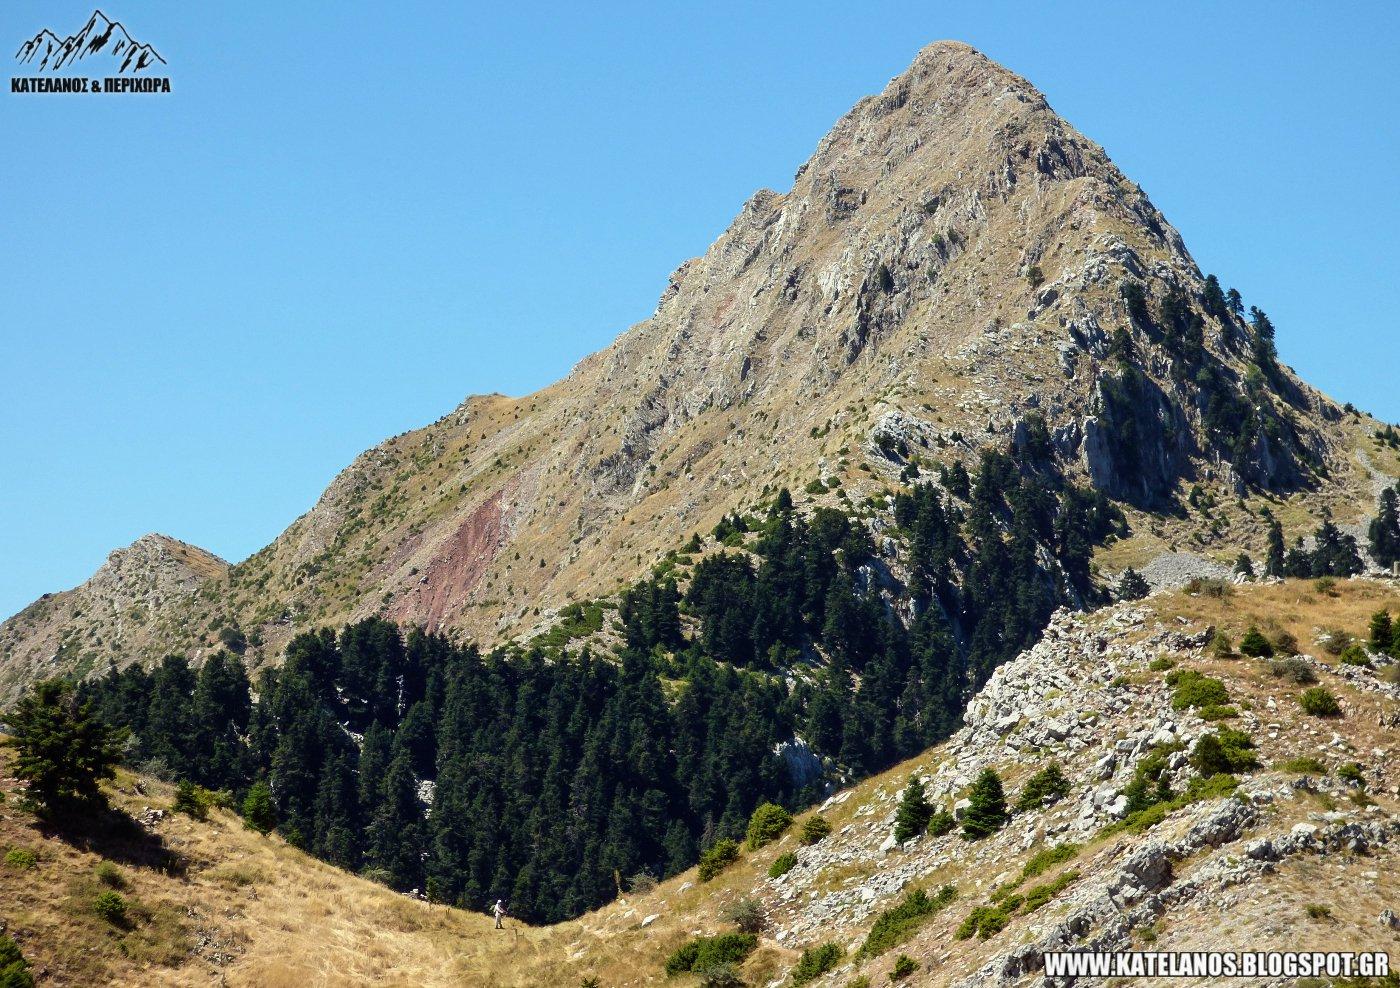 κυνηγου ευρυτανιας κουτουπας επιβλητικο βουνο άγρια τοπία